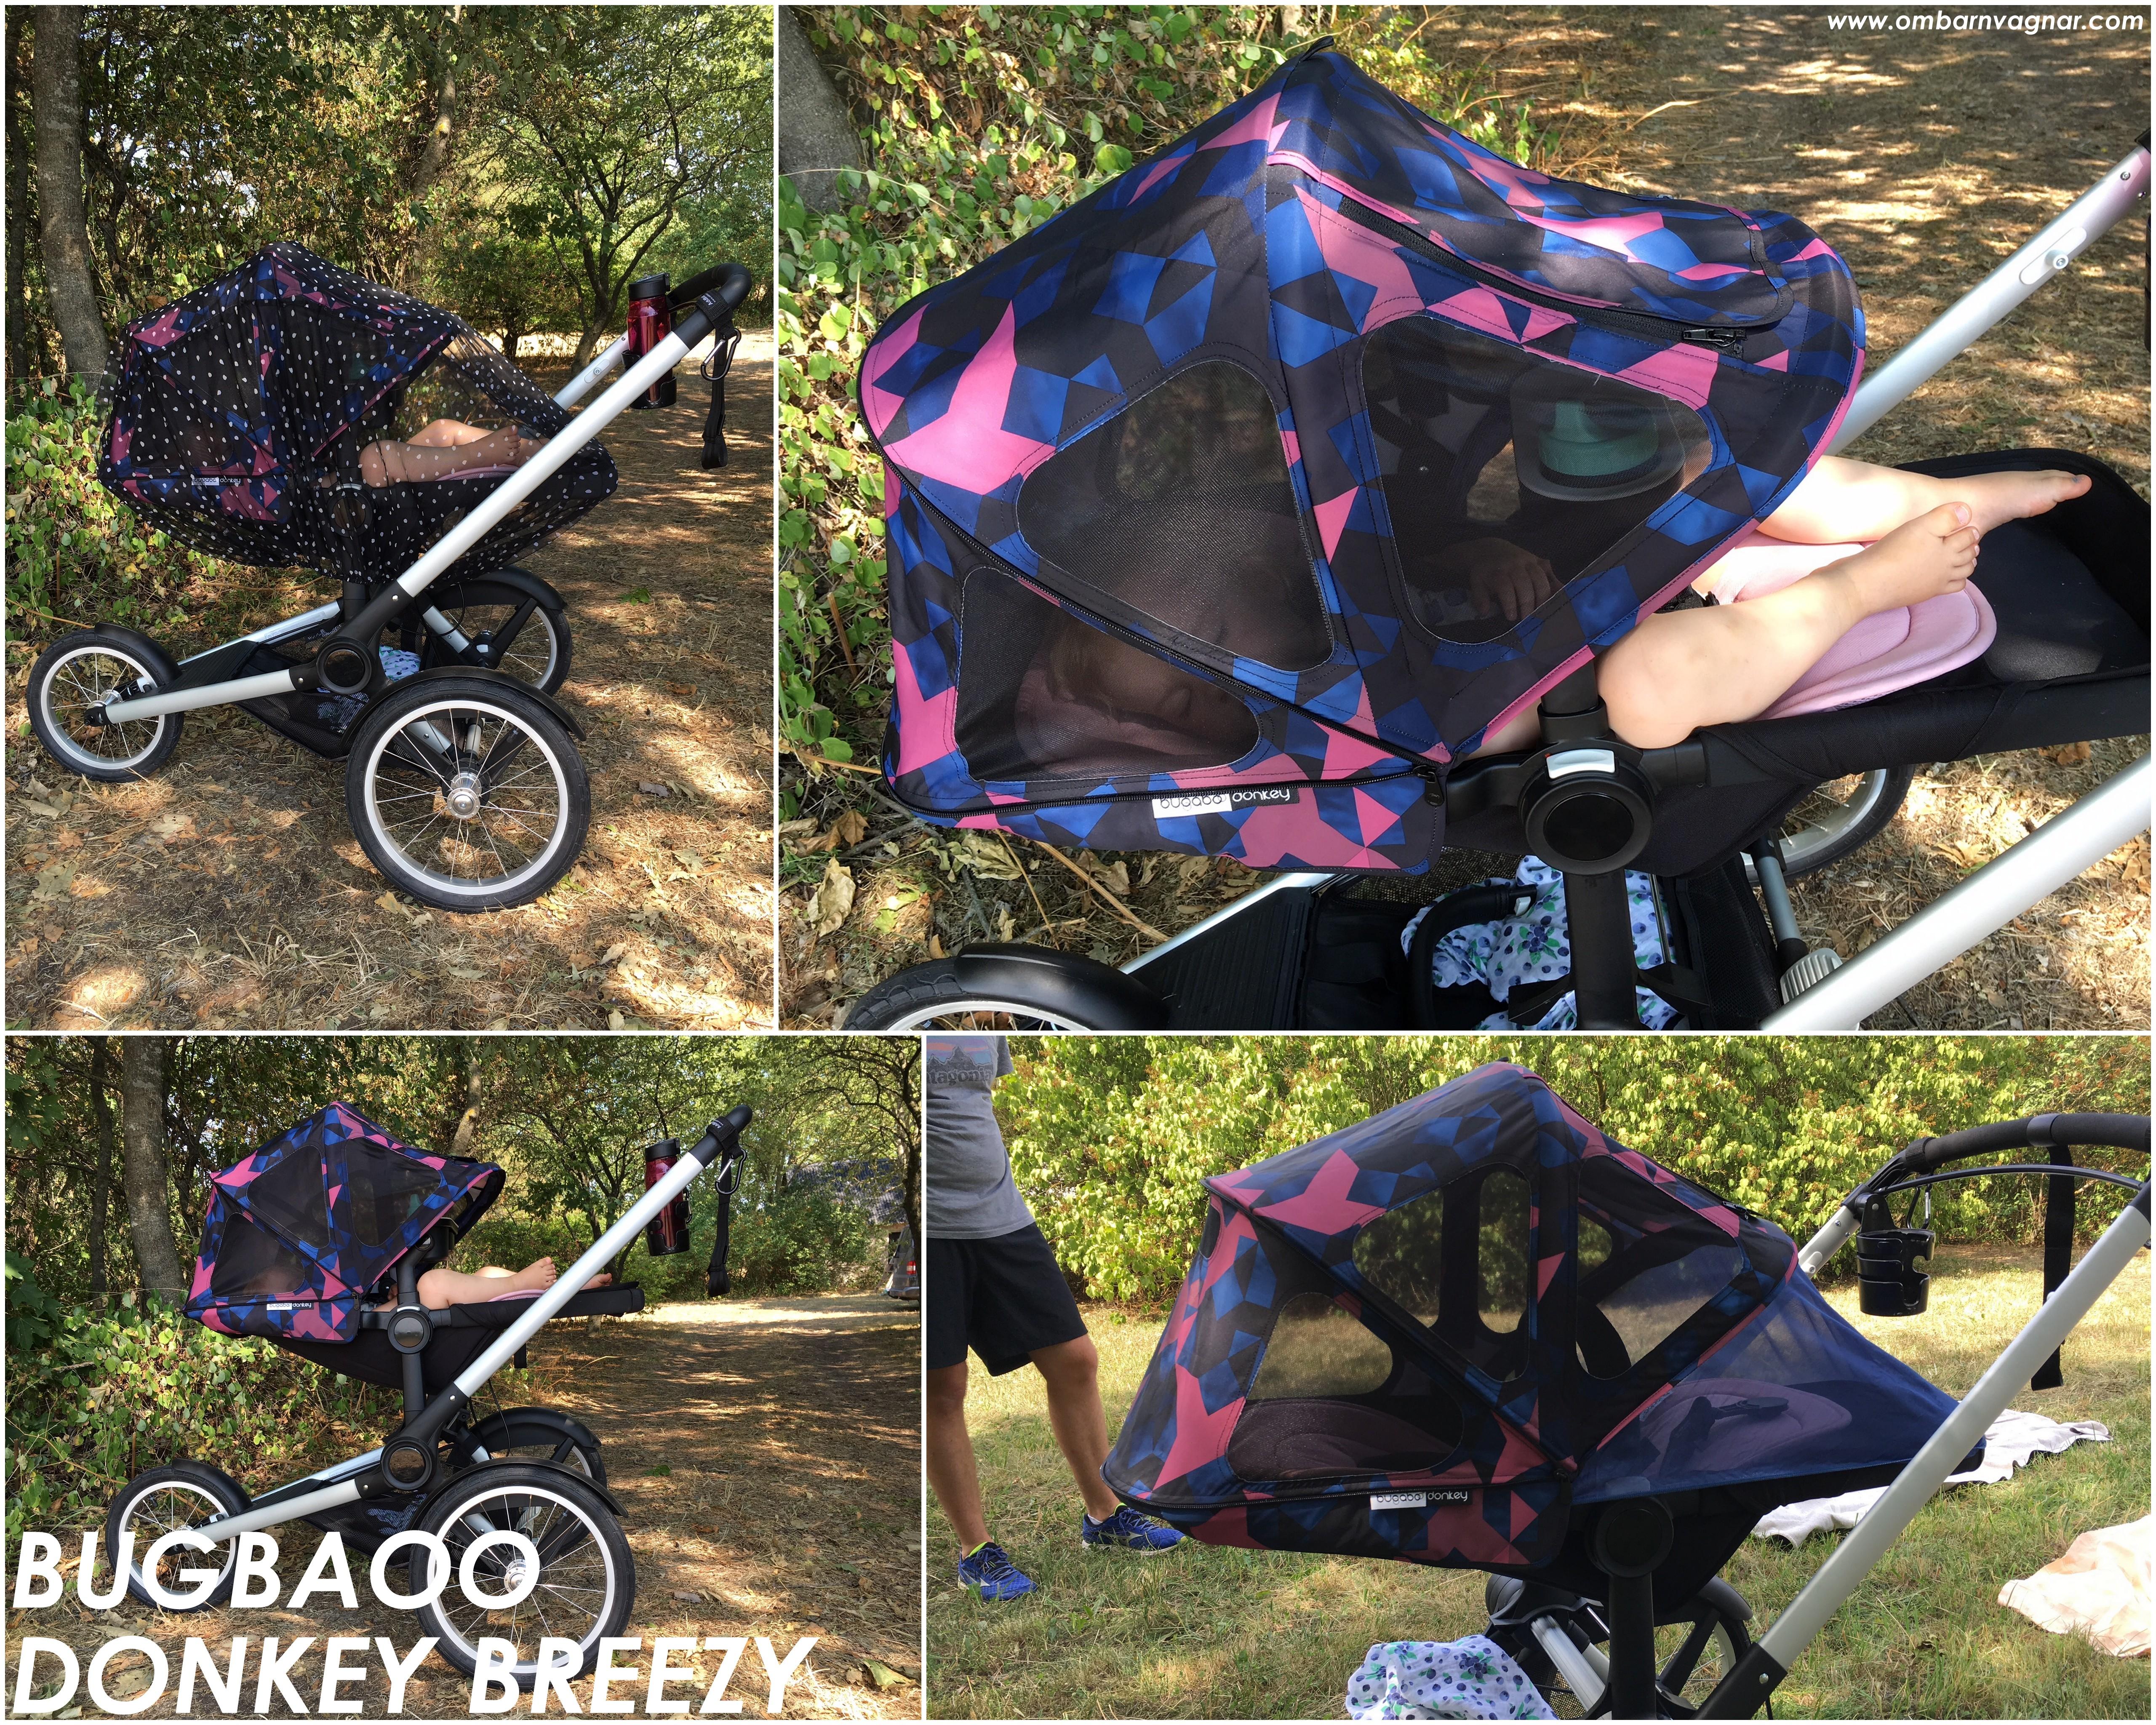 Bugaboo Donkey med Breezy Birds Solsufflett recension